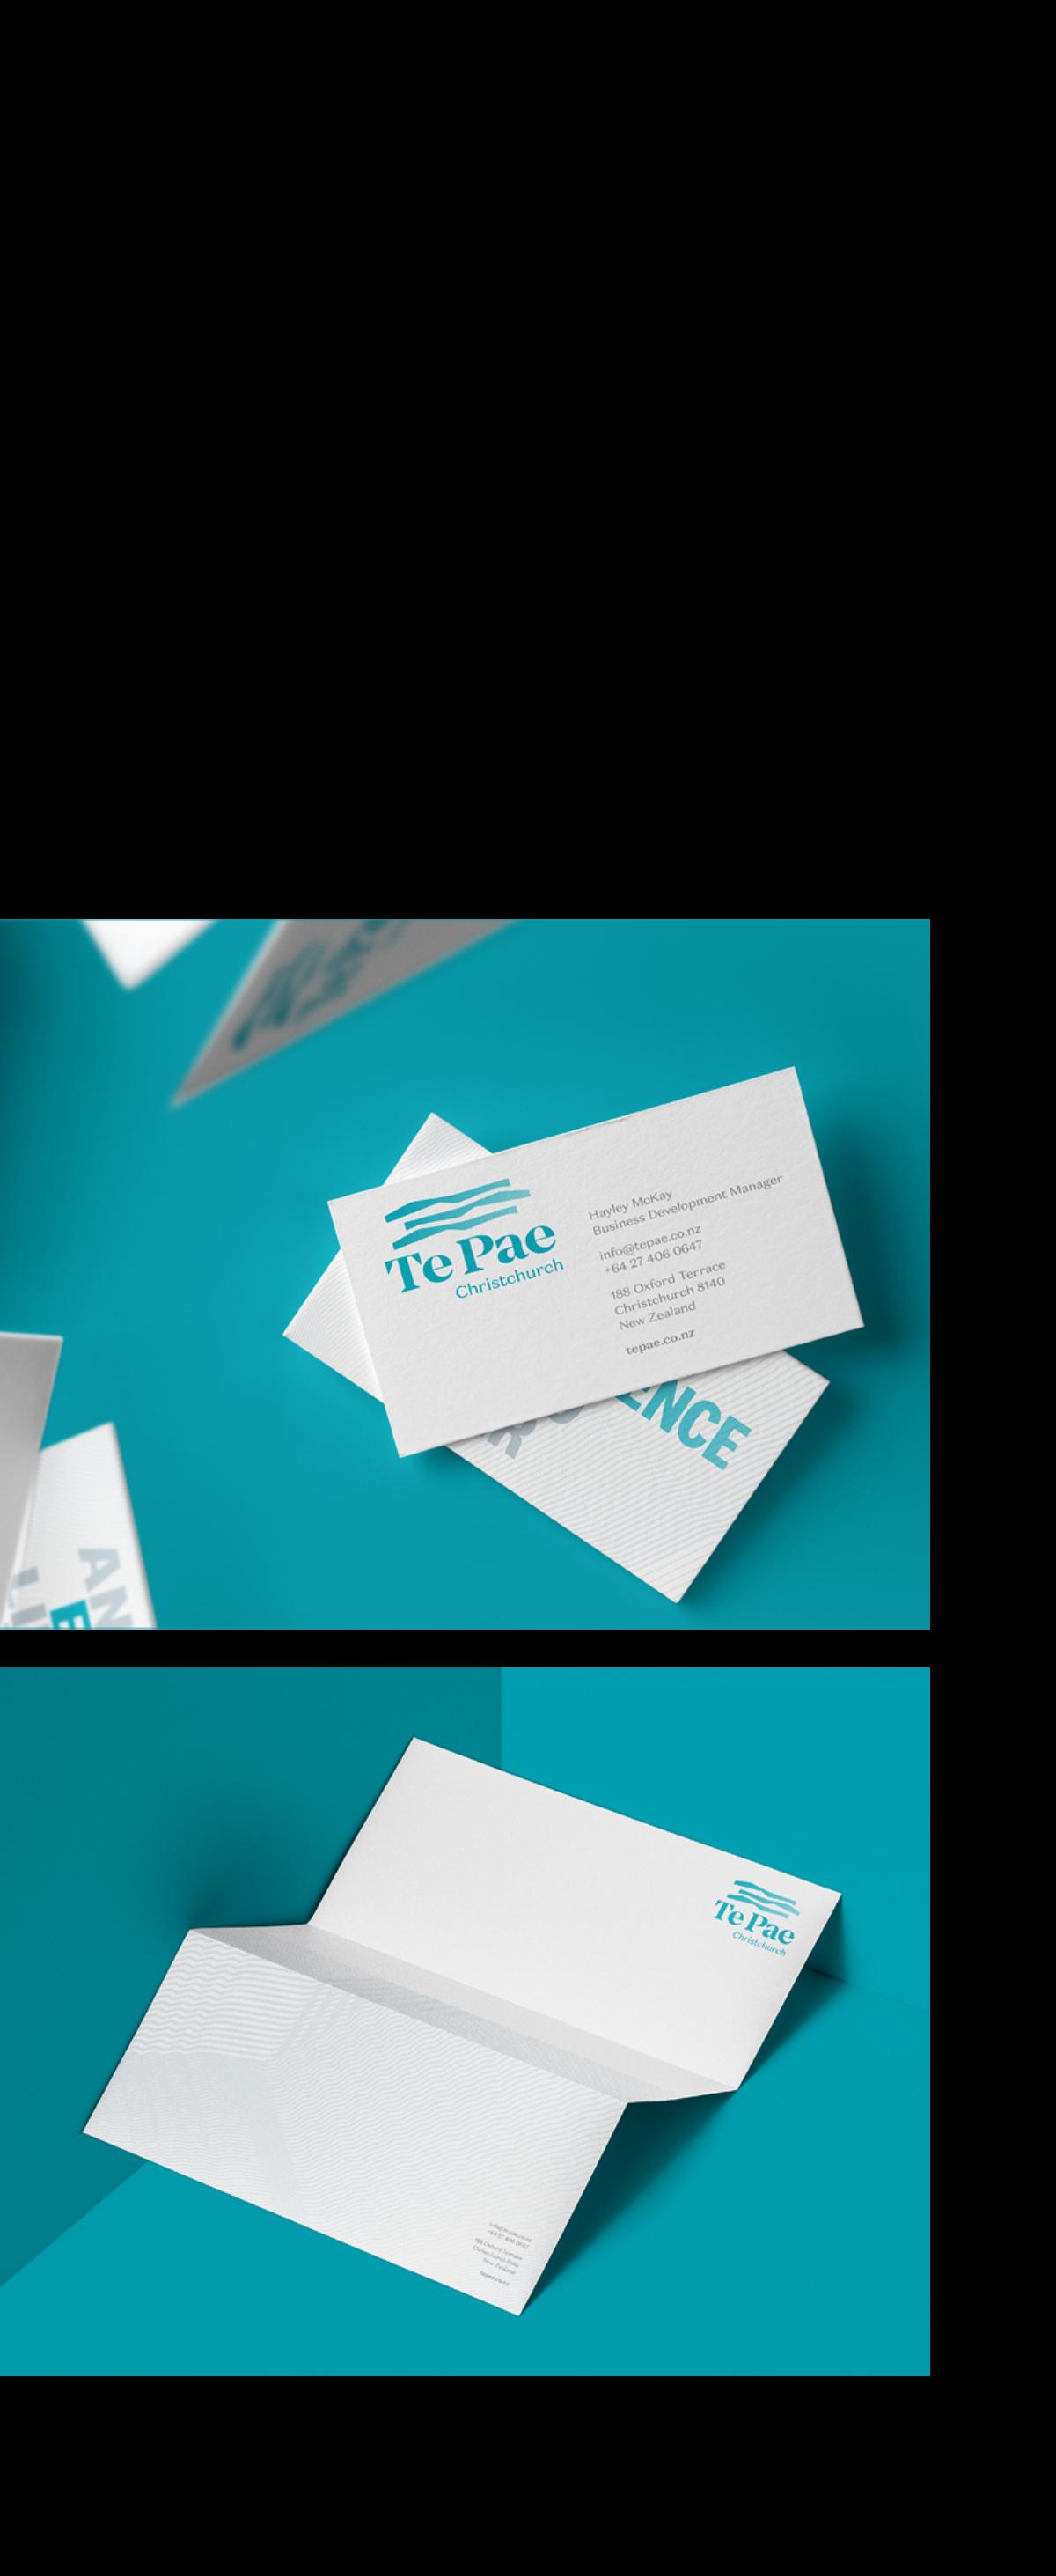 Te Pae Brand Images 2020 6